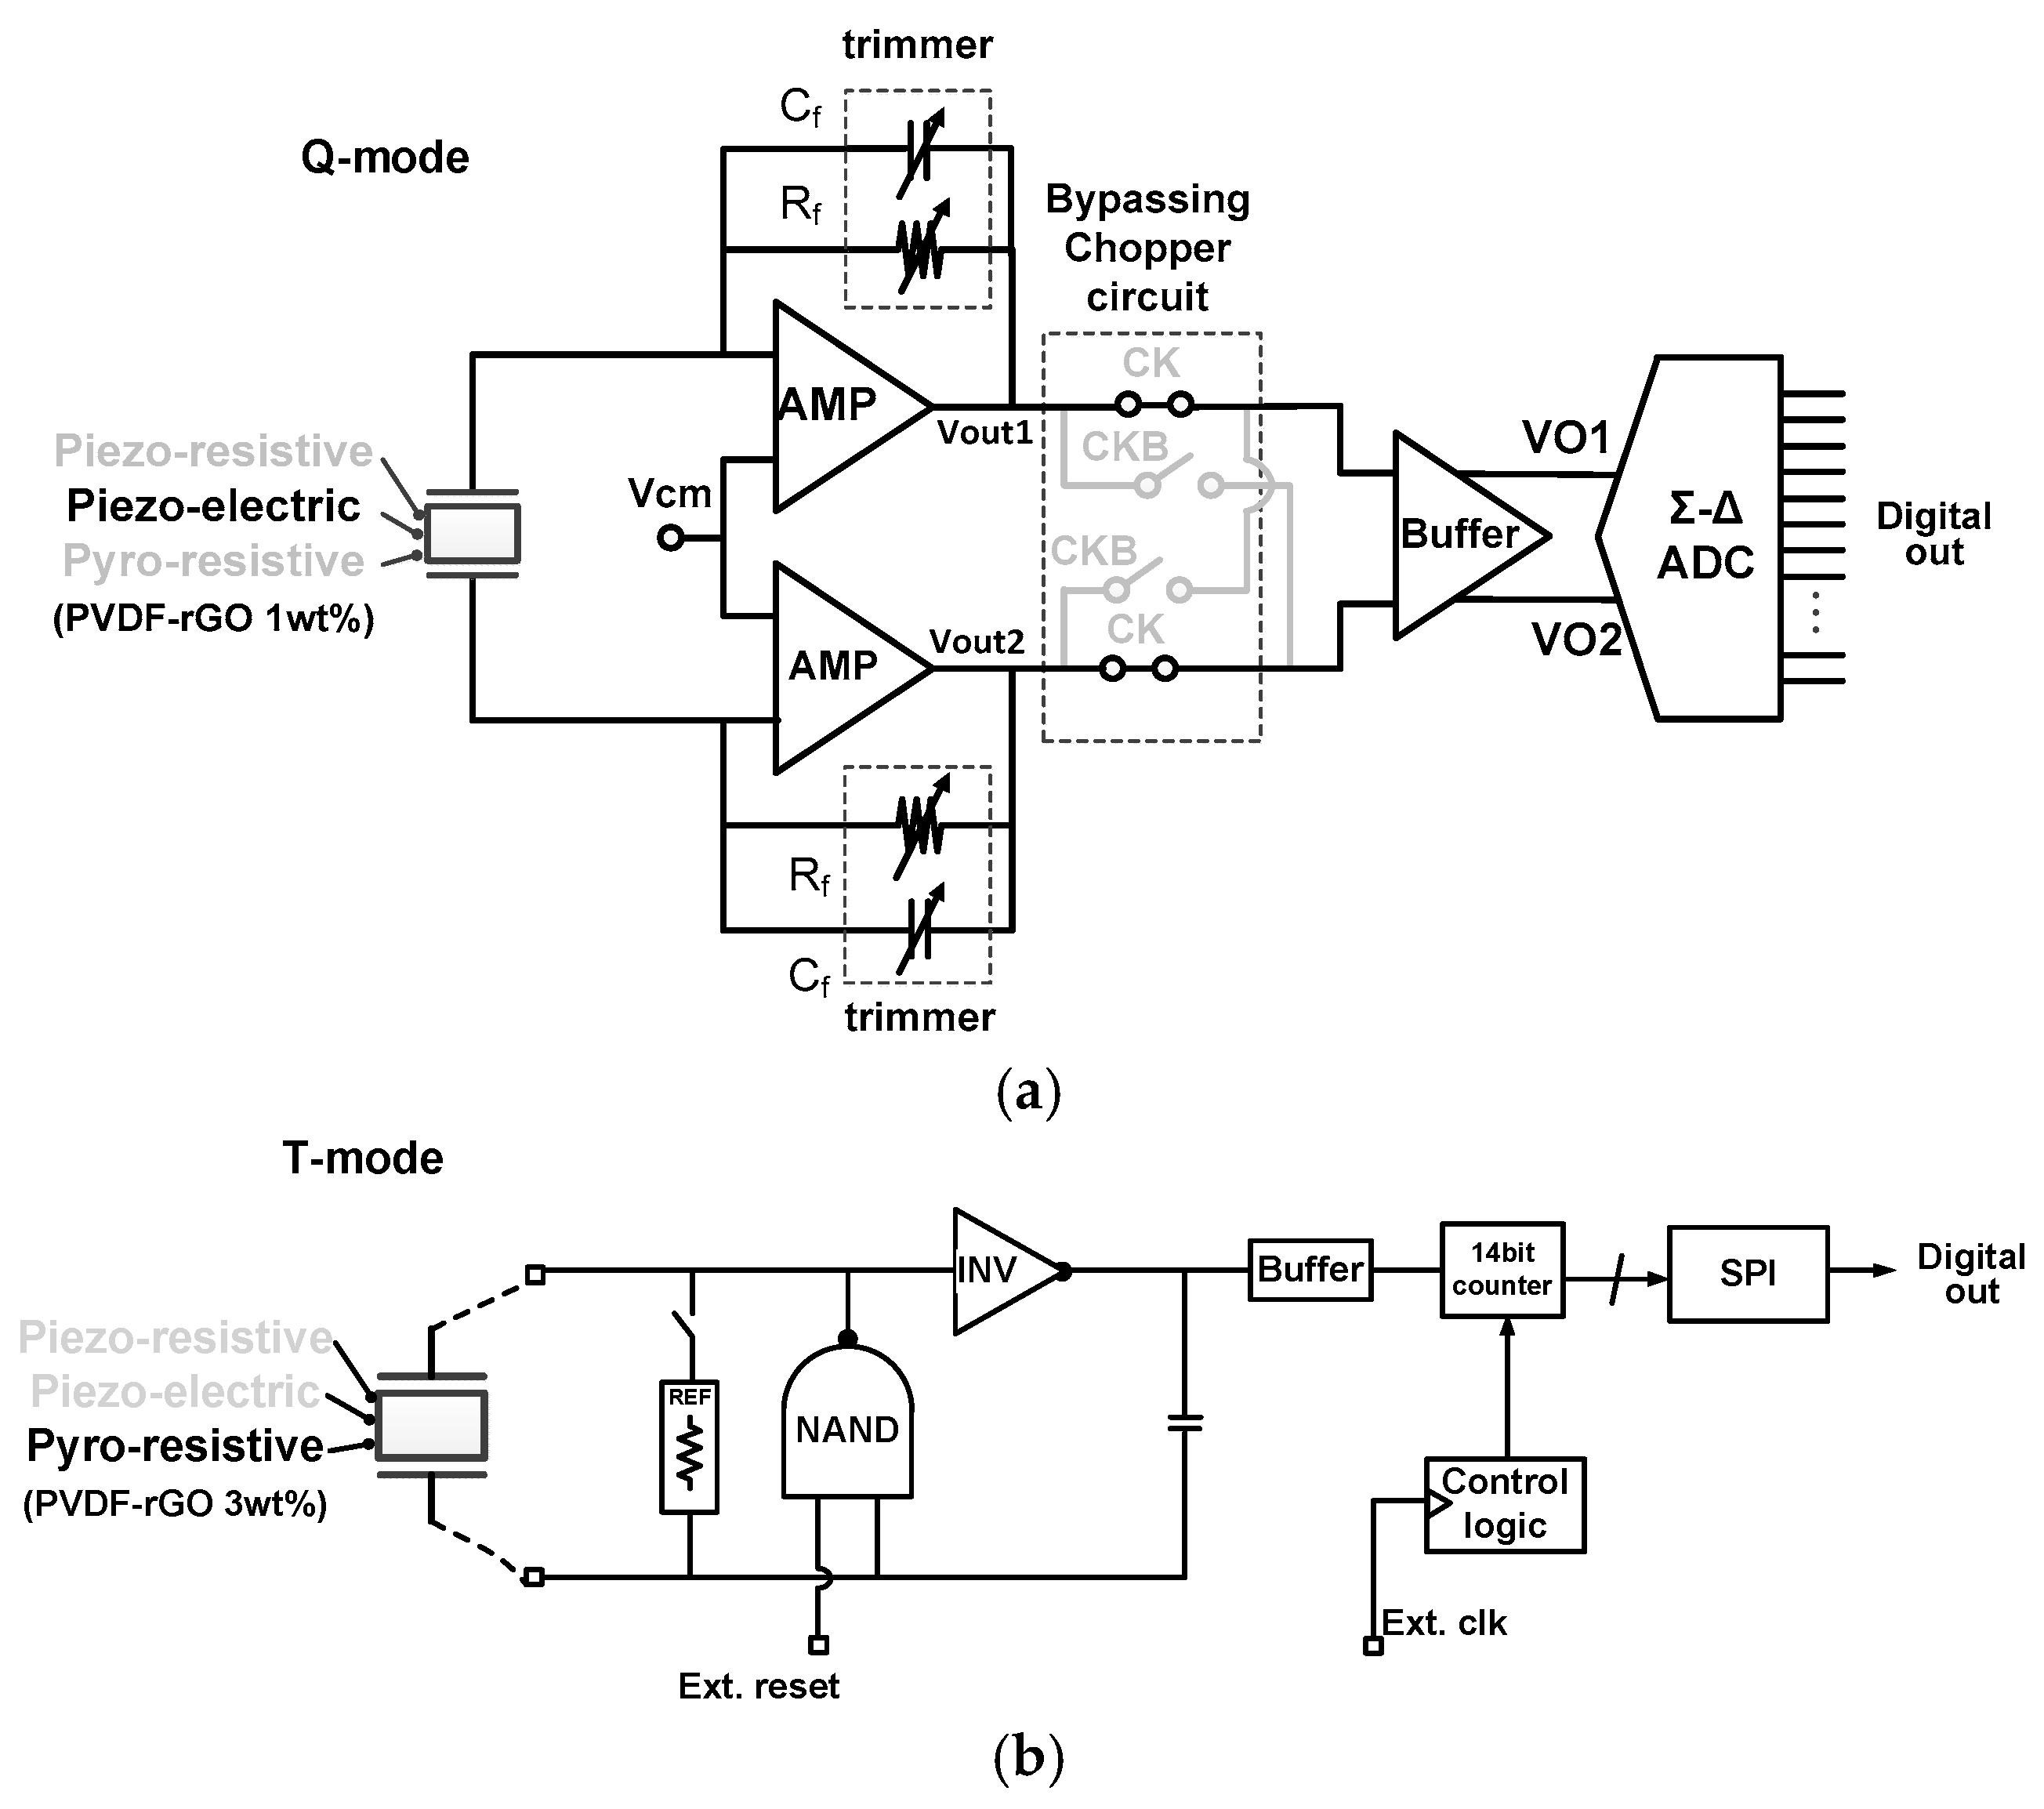 Cm Flatbed Wiring Diagram Schematic Diagrams Free Download 2001 Chevy Silverado 1500